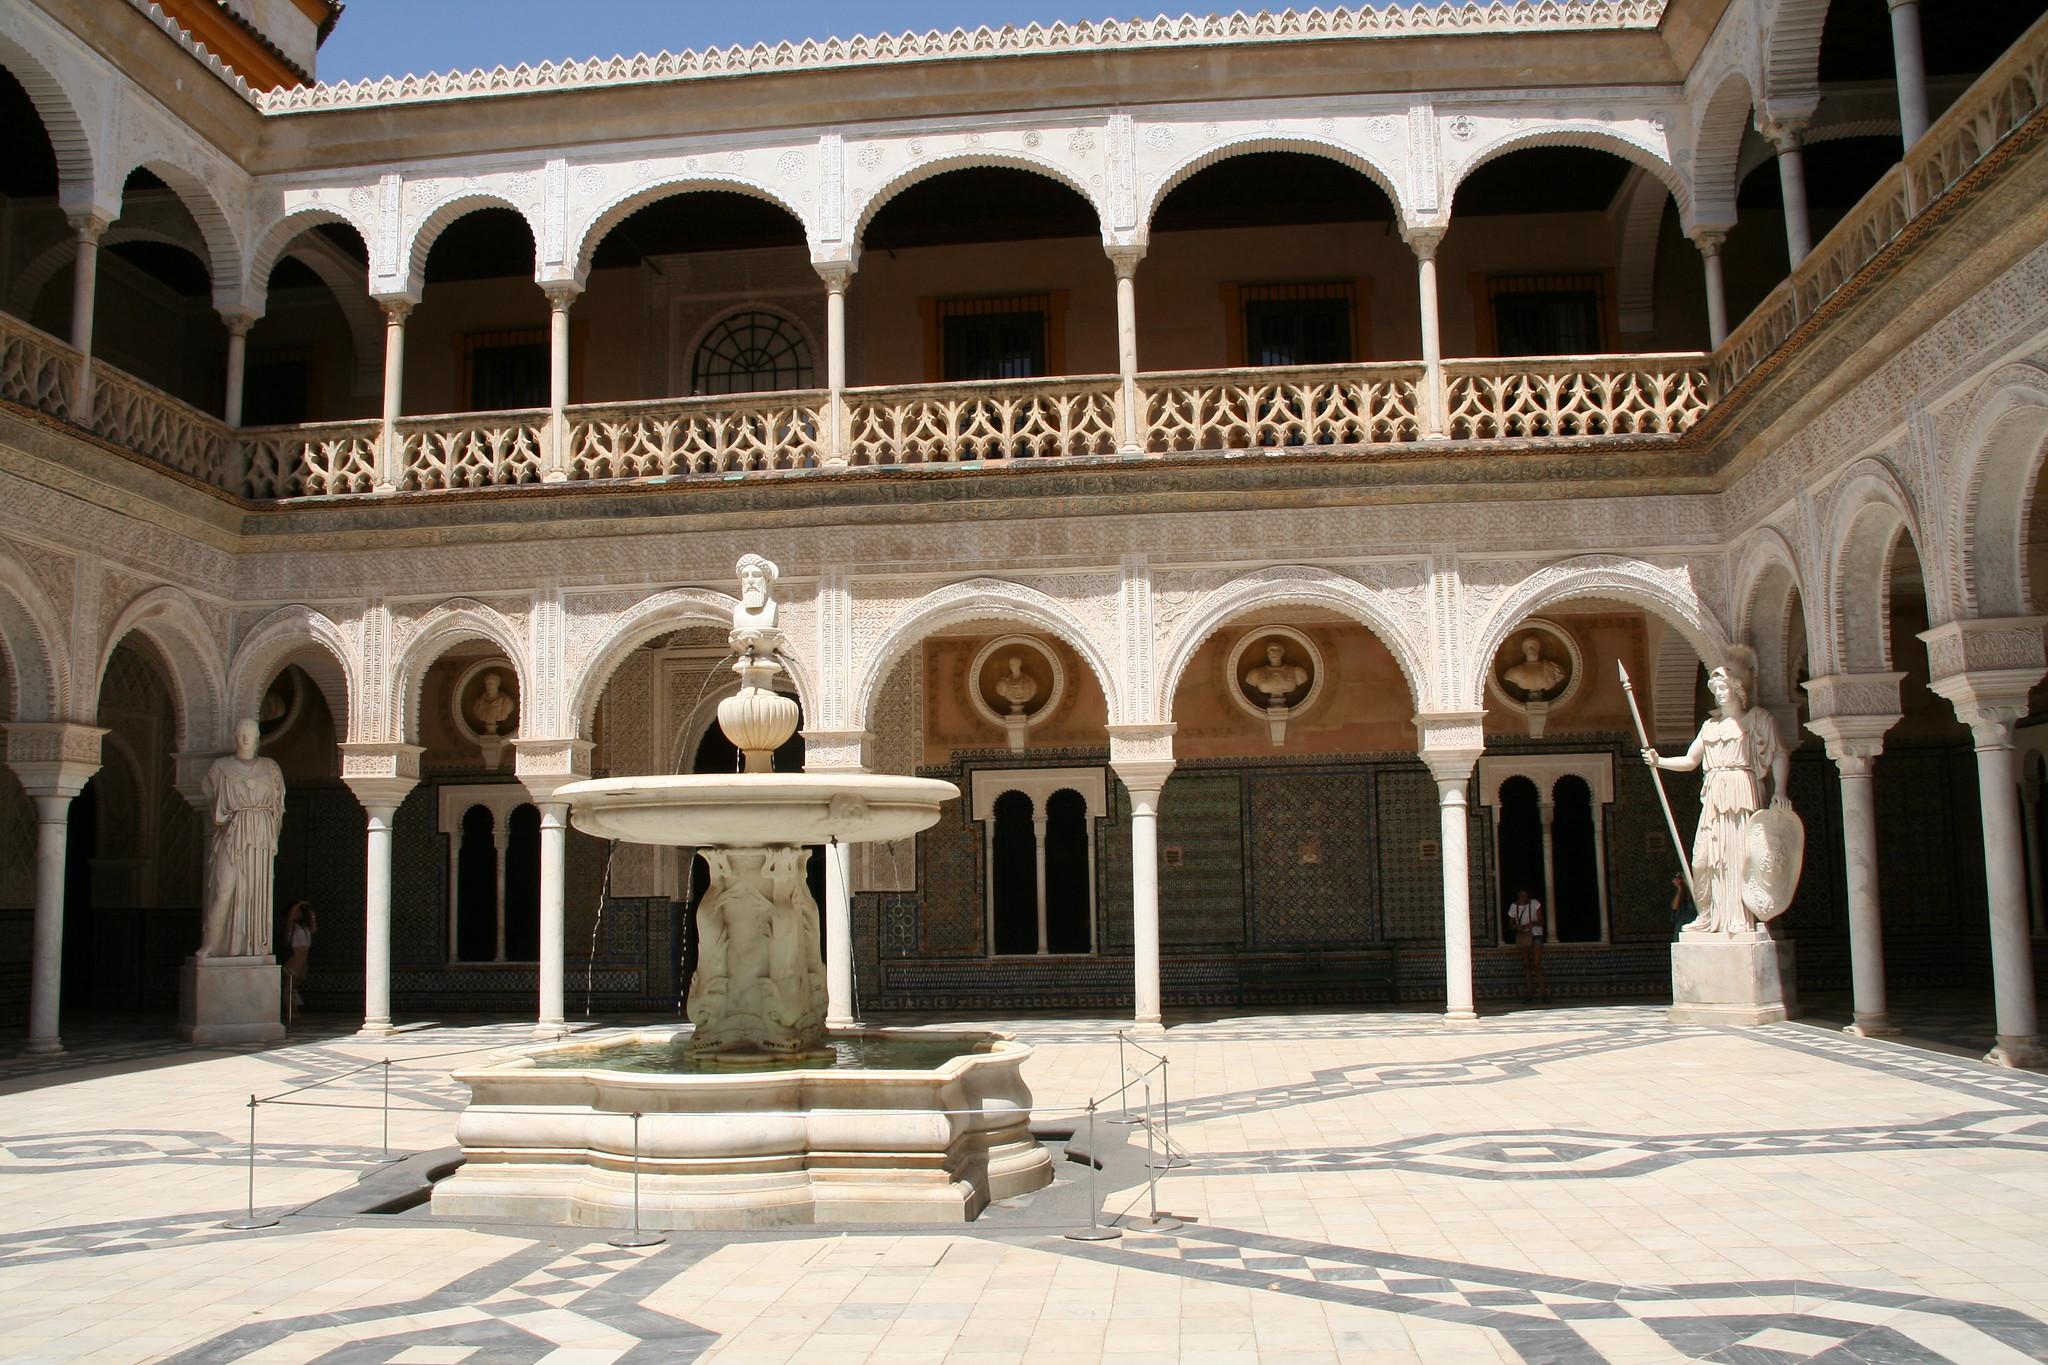 La casa de pilatos en Espagne